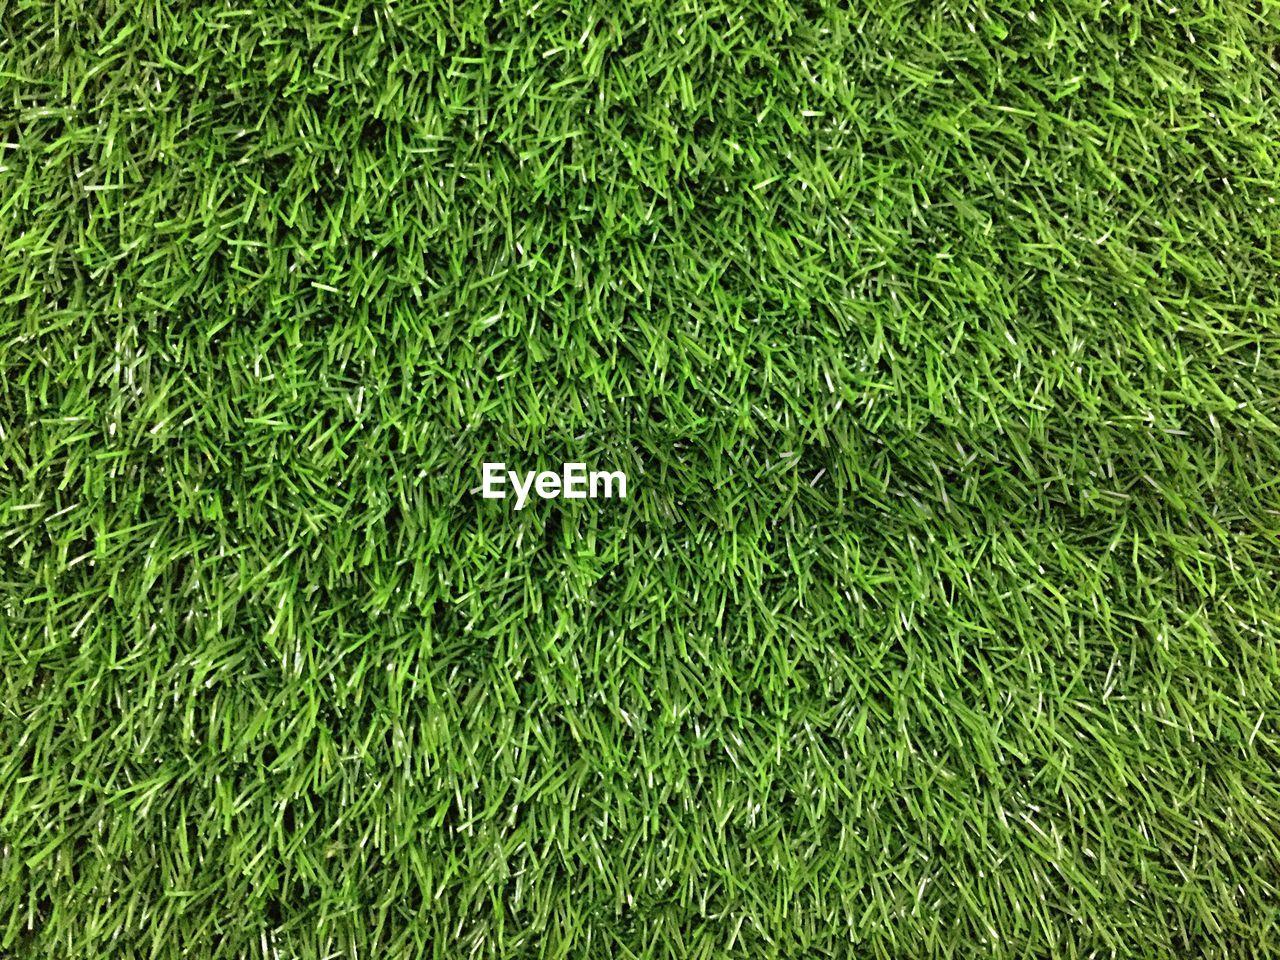 CLOSE-UP VIEW OF GRASSLAND